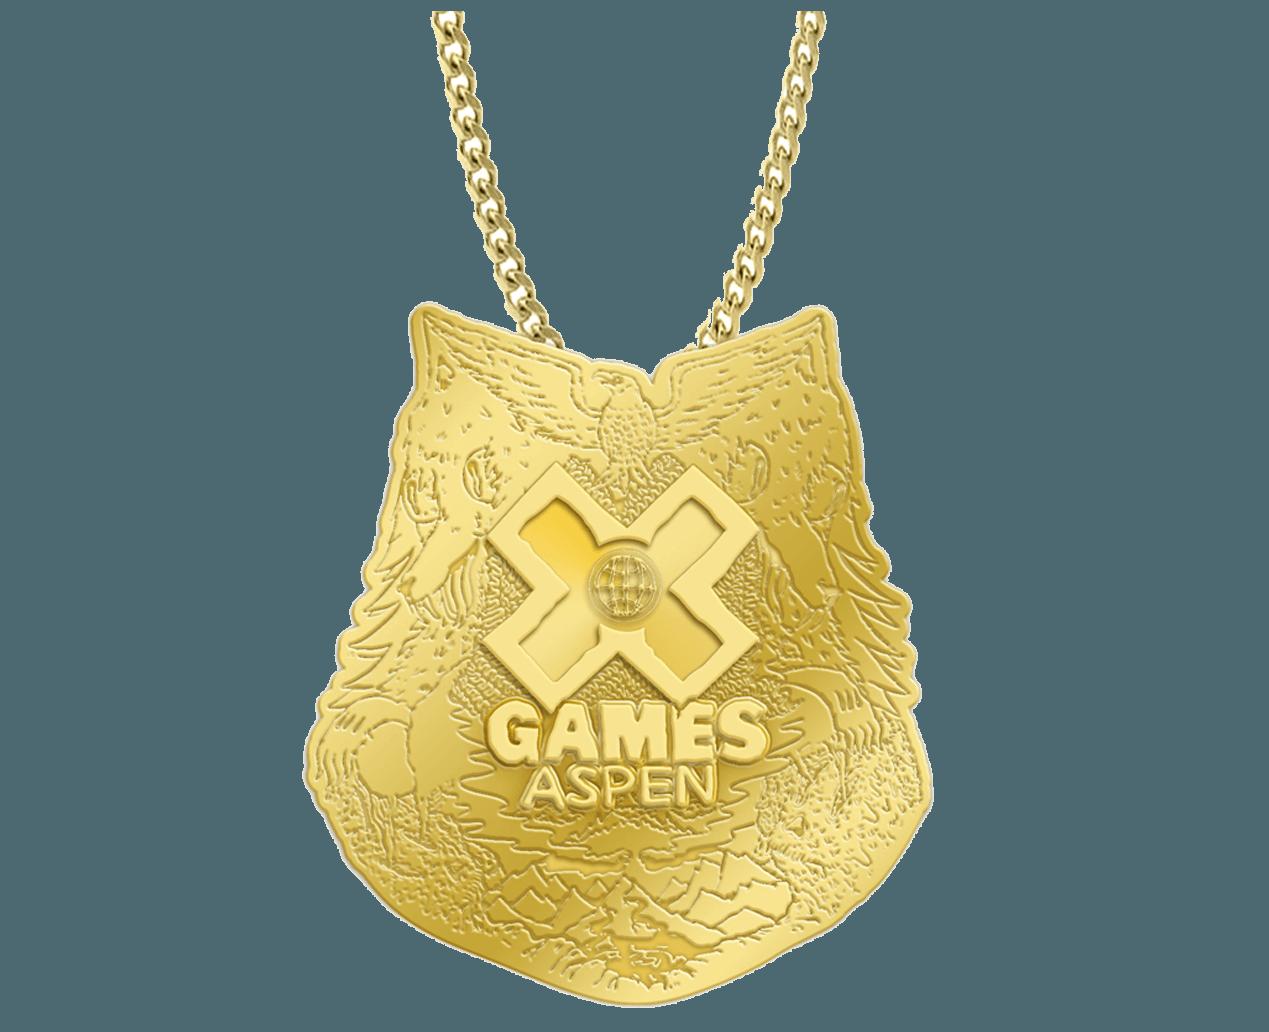 X Games Aspen 2019 messages sticker-3